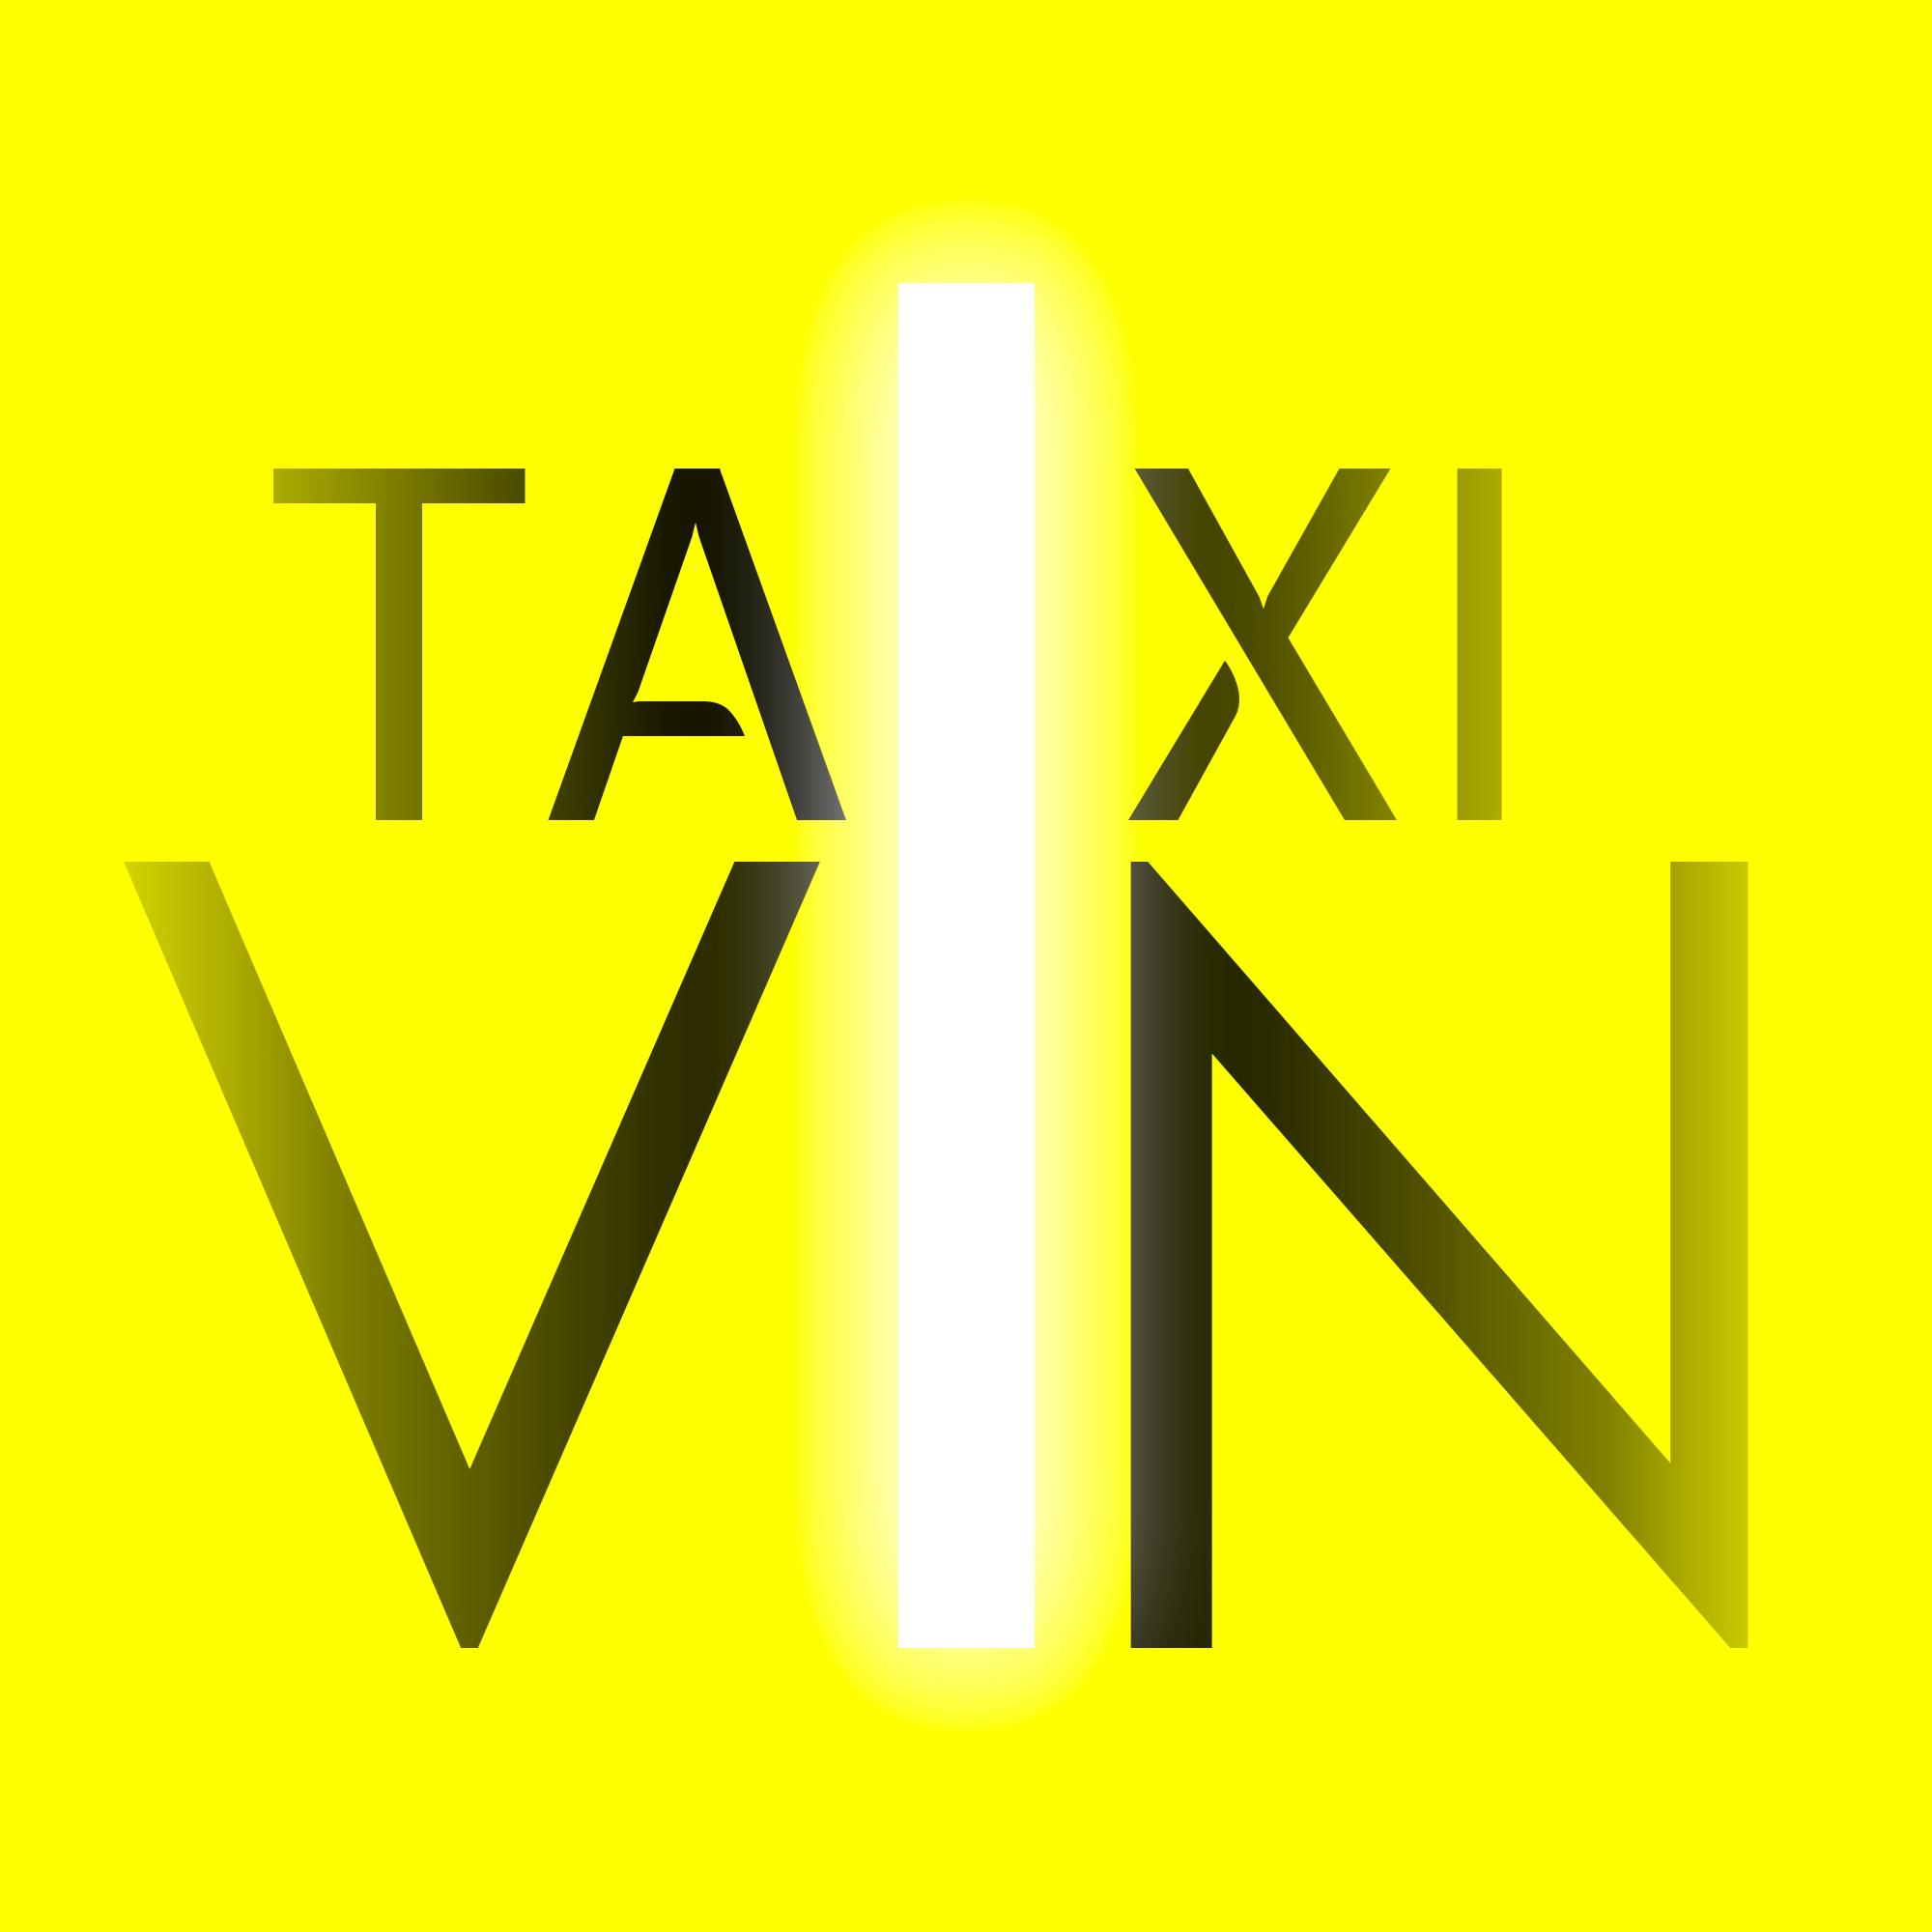 Разработка логотипа и фирменного стиля для такси фото f_6865b9198178cfe6.png